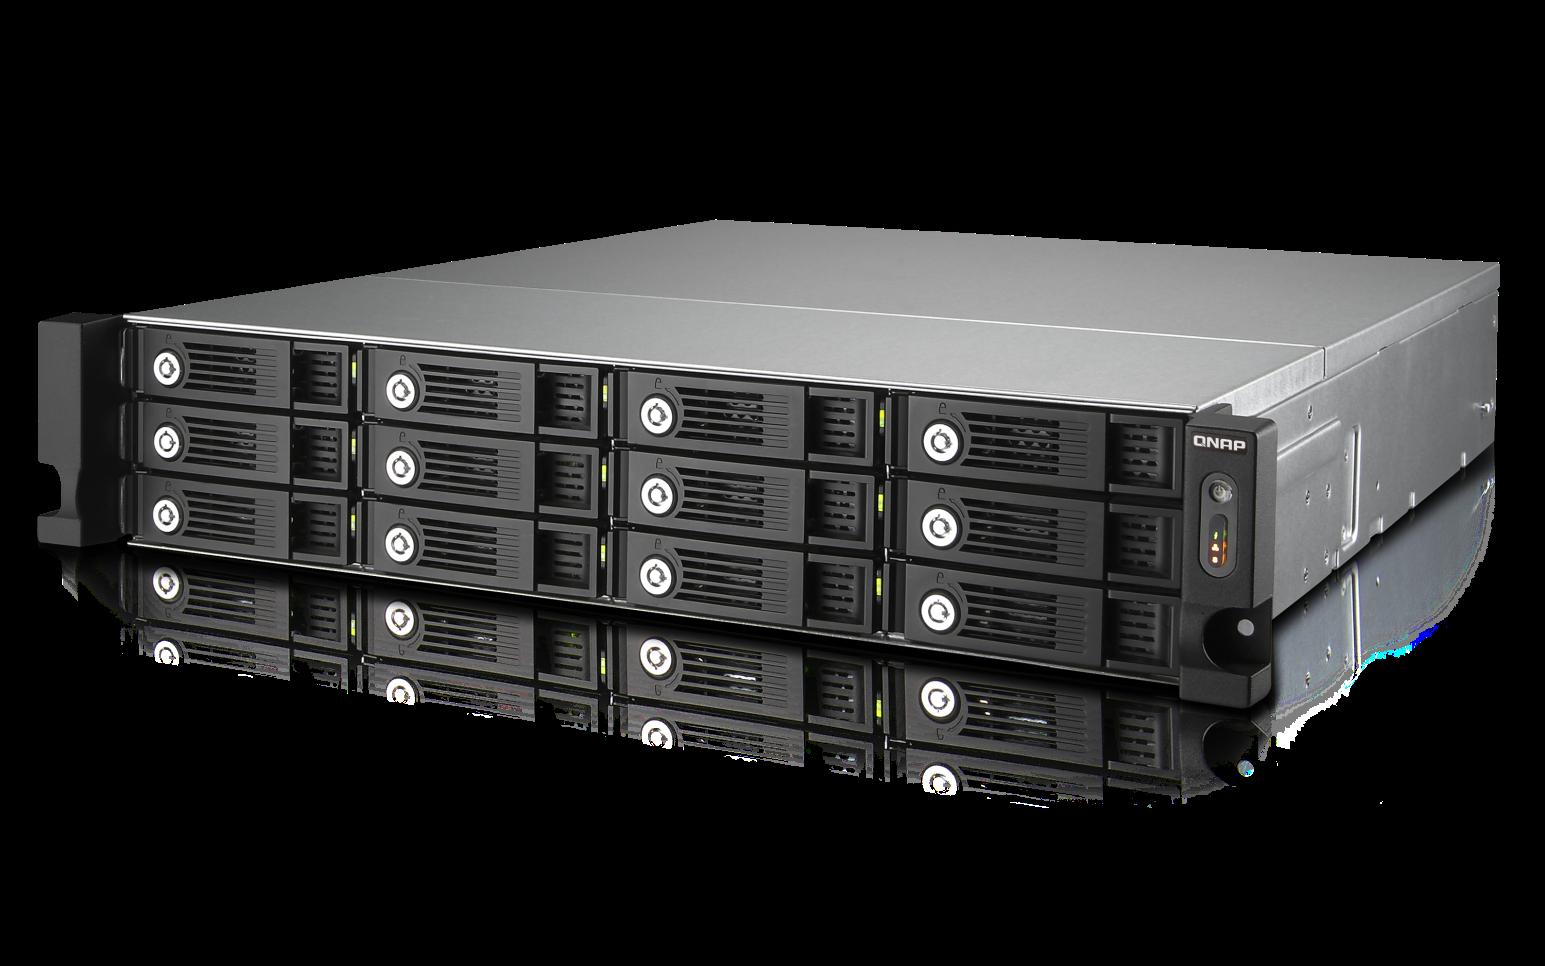 QNAP TS-1253U-RP (2,41G/4GB RAM/12xSATA)